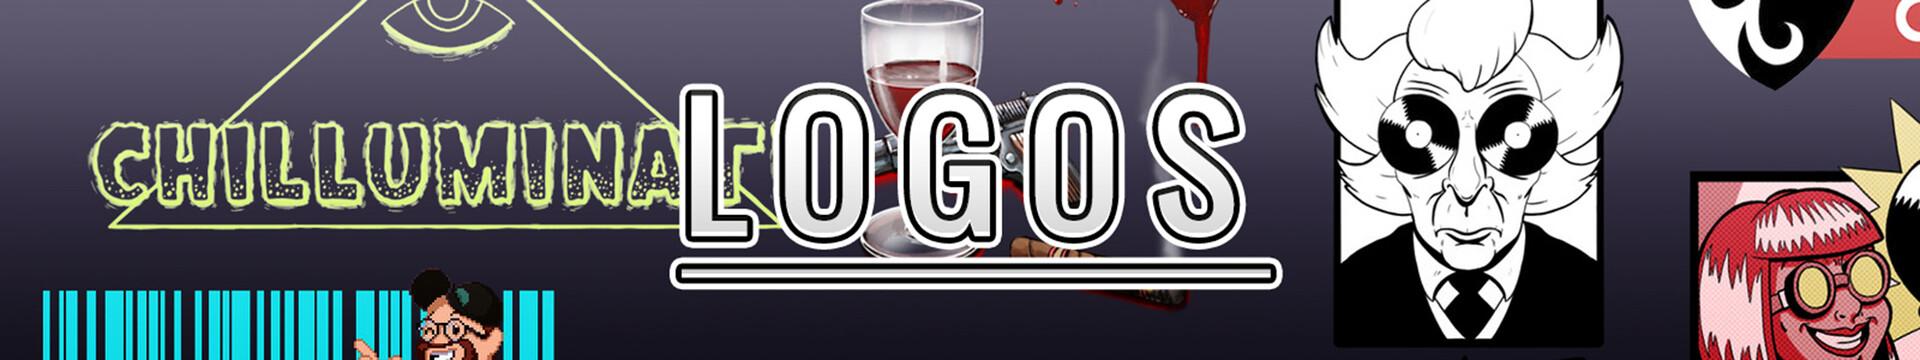 Molly heady carroll molly logos 400